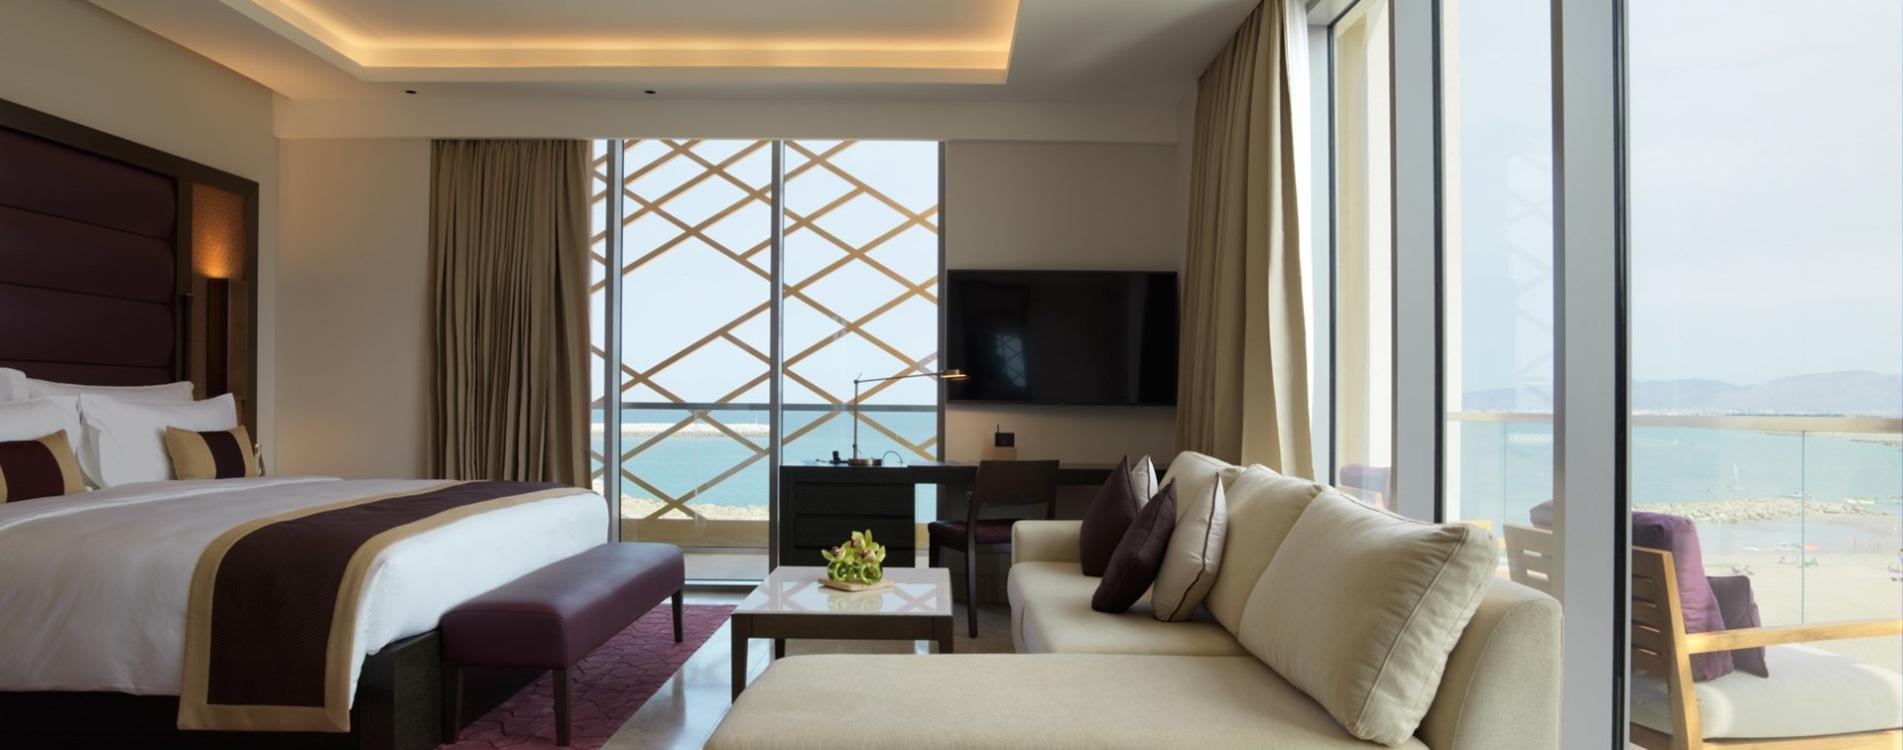 Kempinski-Hotel-Muscat-Grand-Deluxe-Sea-View-Room-Interior-Oman